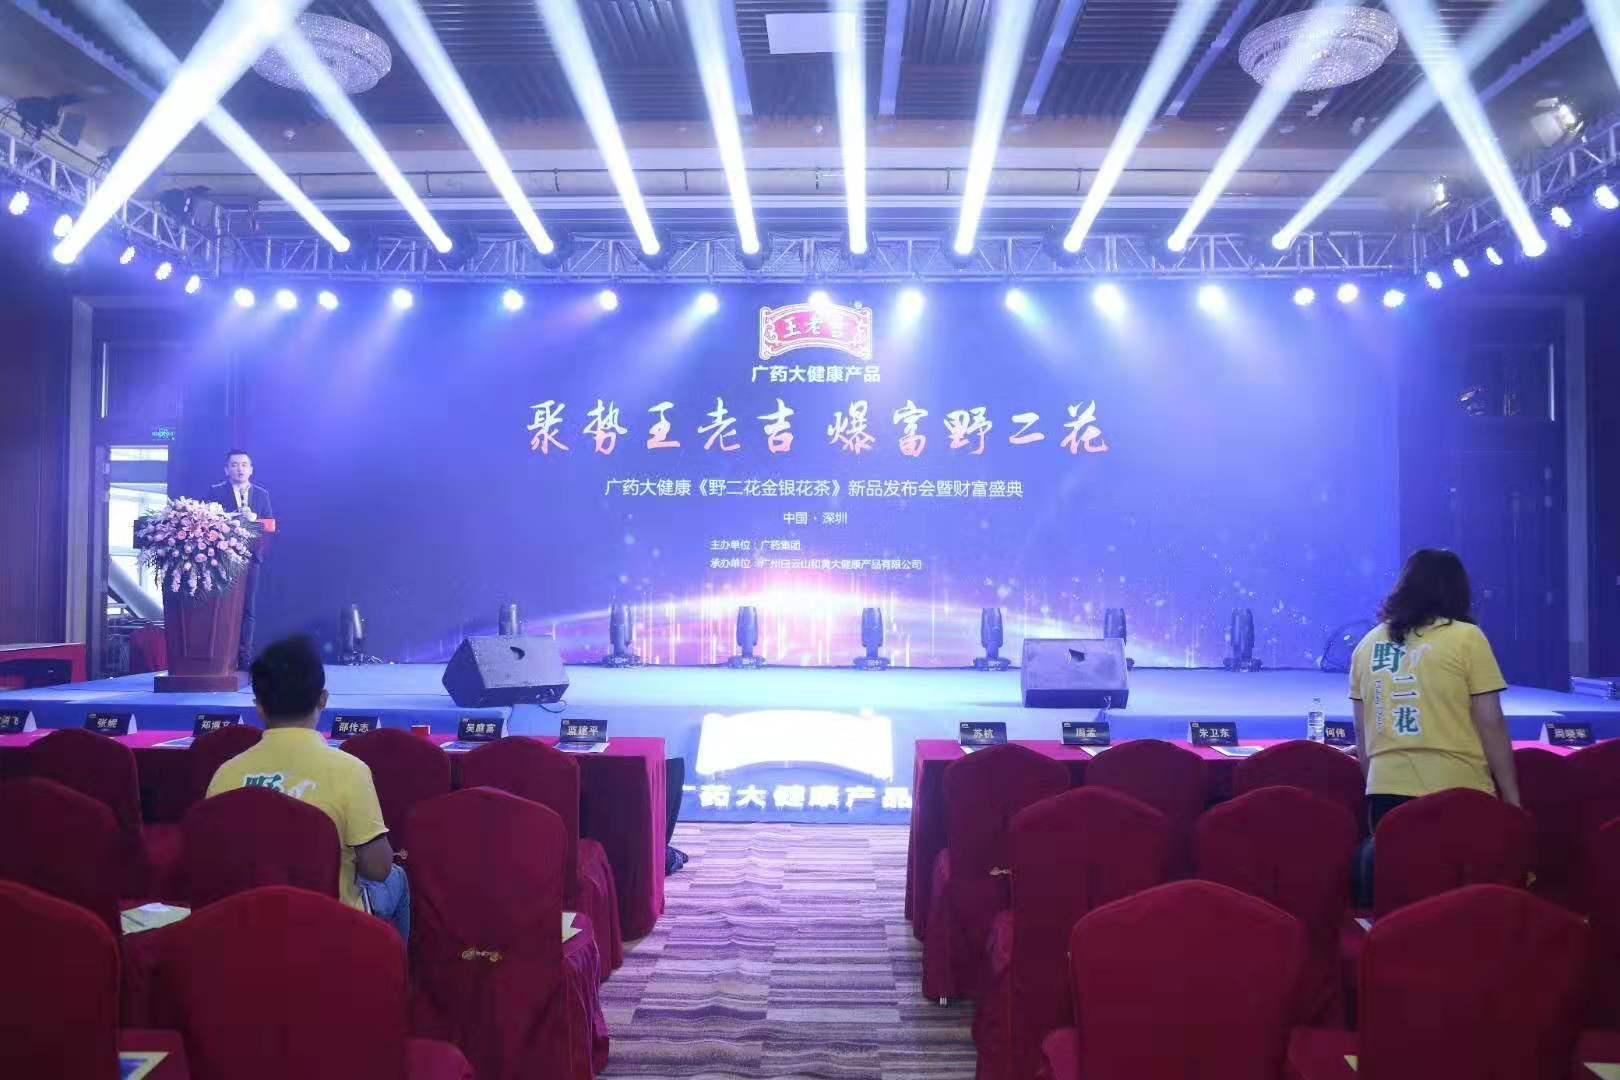 广州番禺灯光设备租赁服务